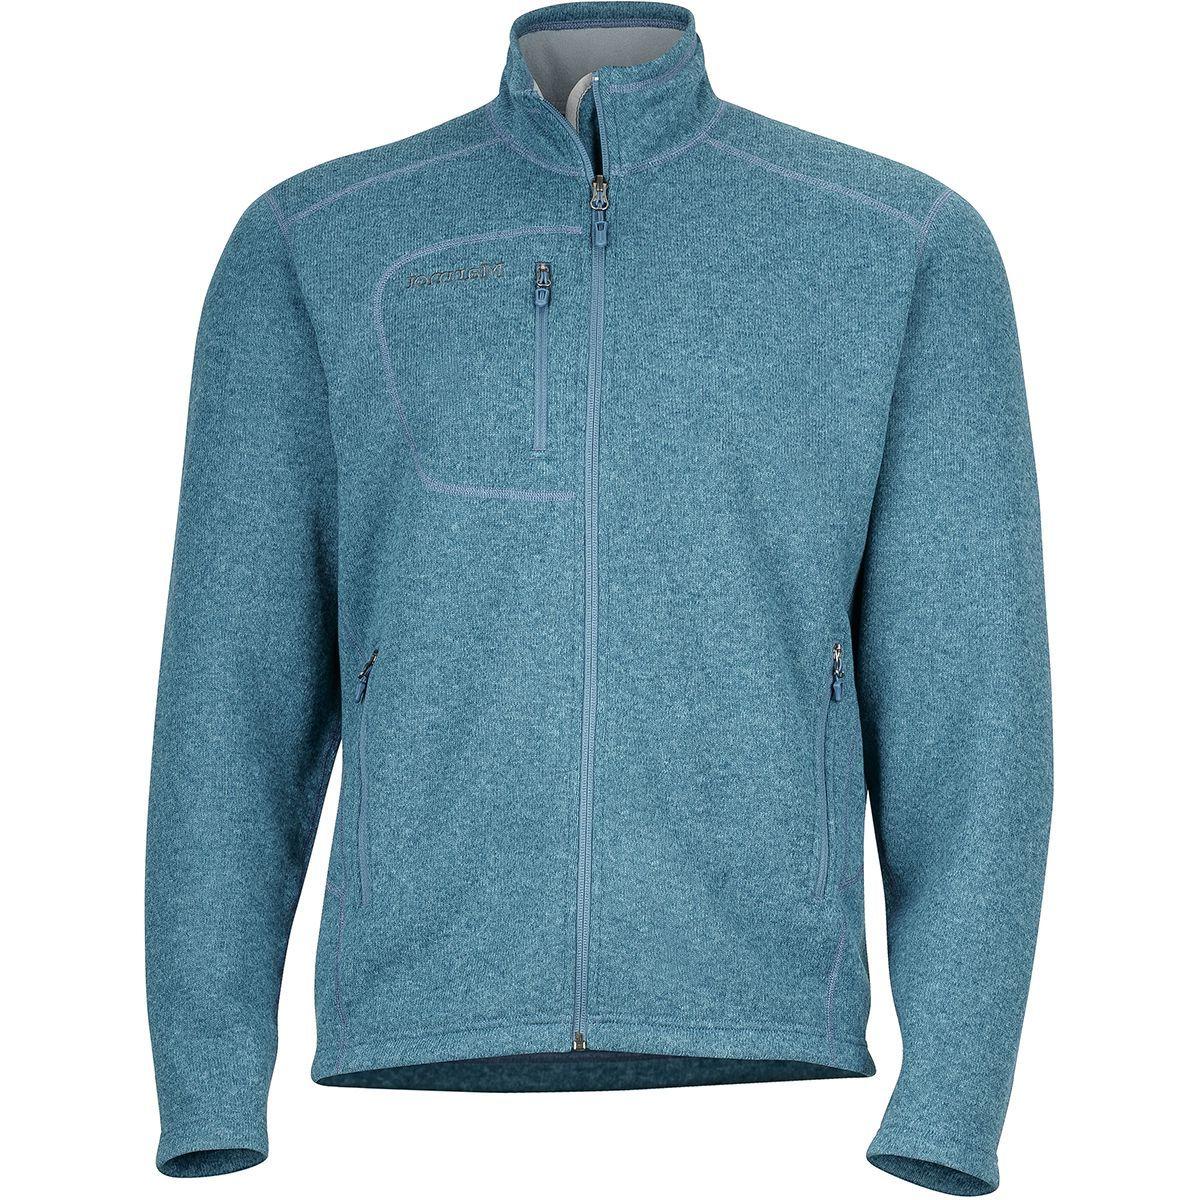 Marmot Drop Line Fleece Jacket - Men's